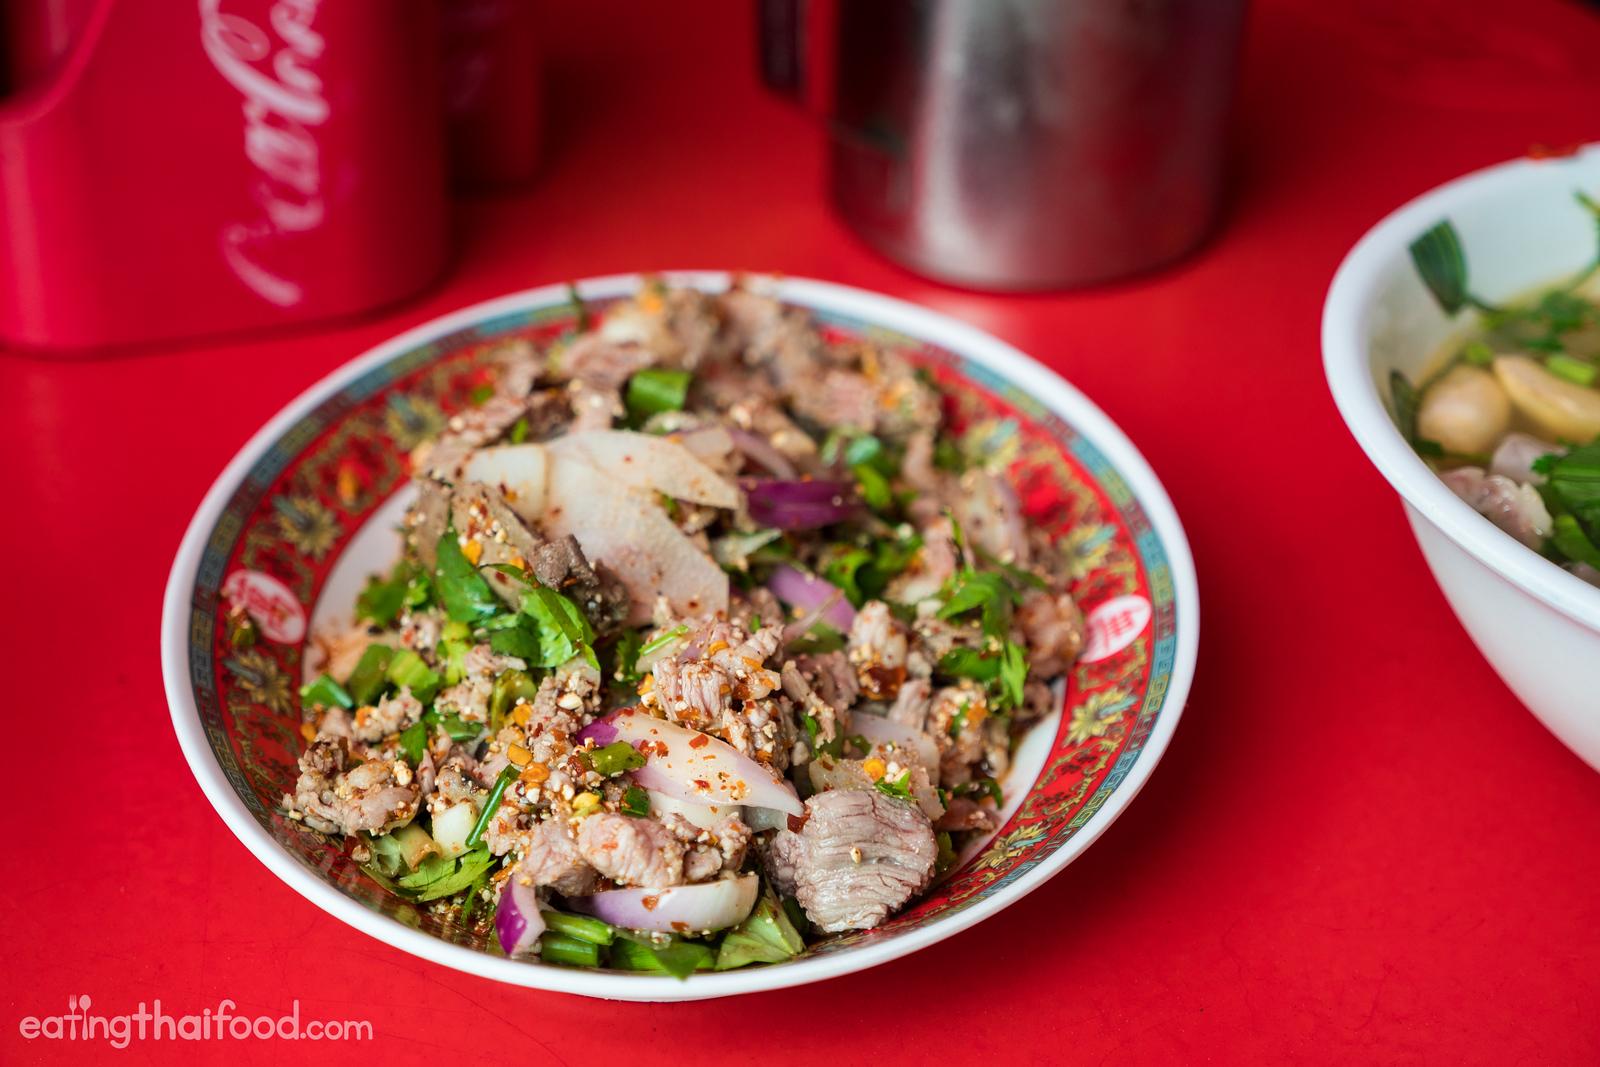 Isaan beef salad